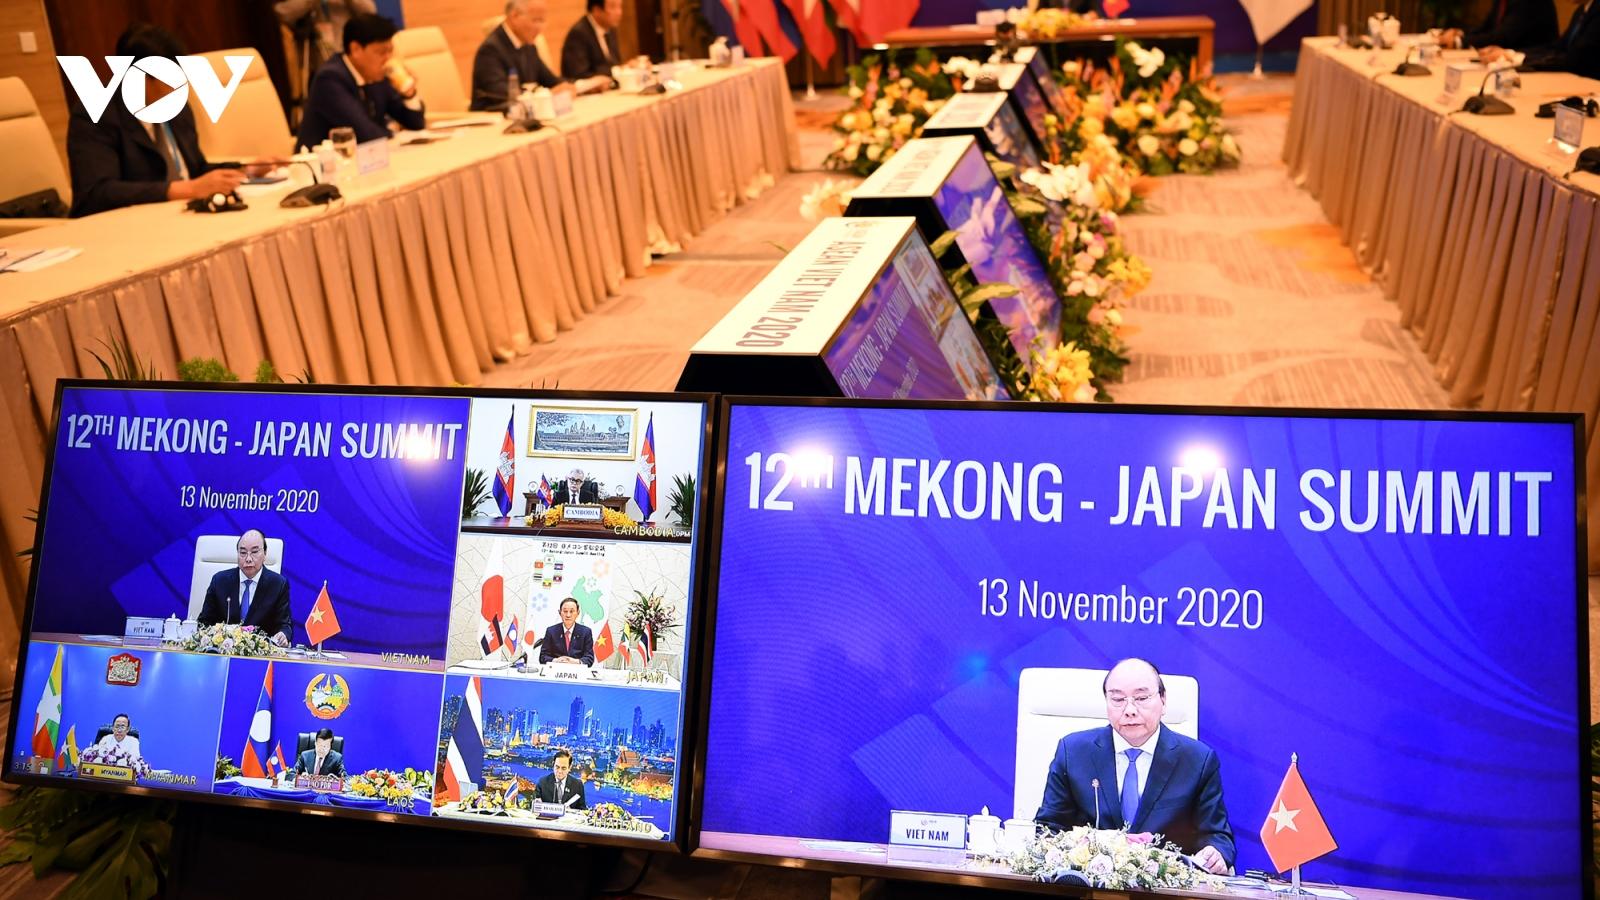 Các nước Mekong và Nhật Bản tăng kết nối, bảo vệ môi trường, giảm hậu quả thiên tai